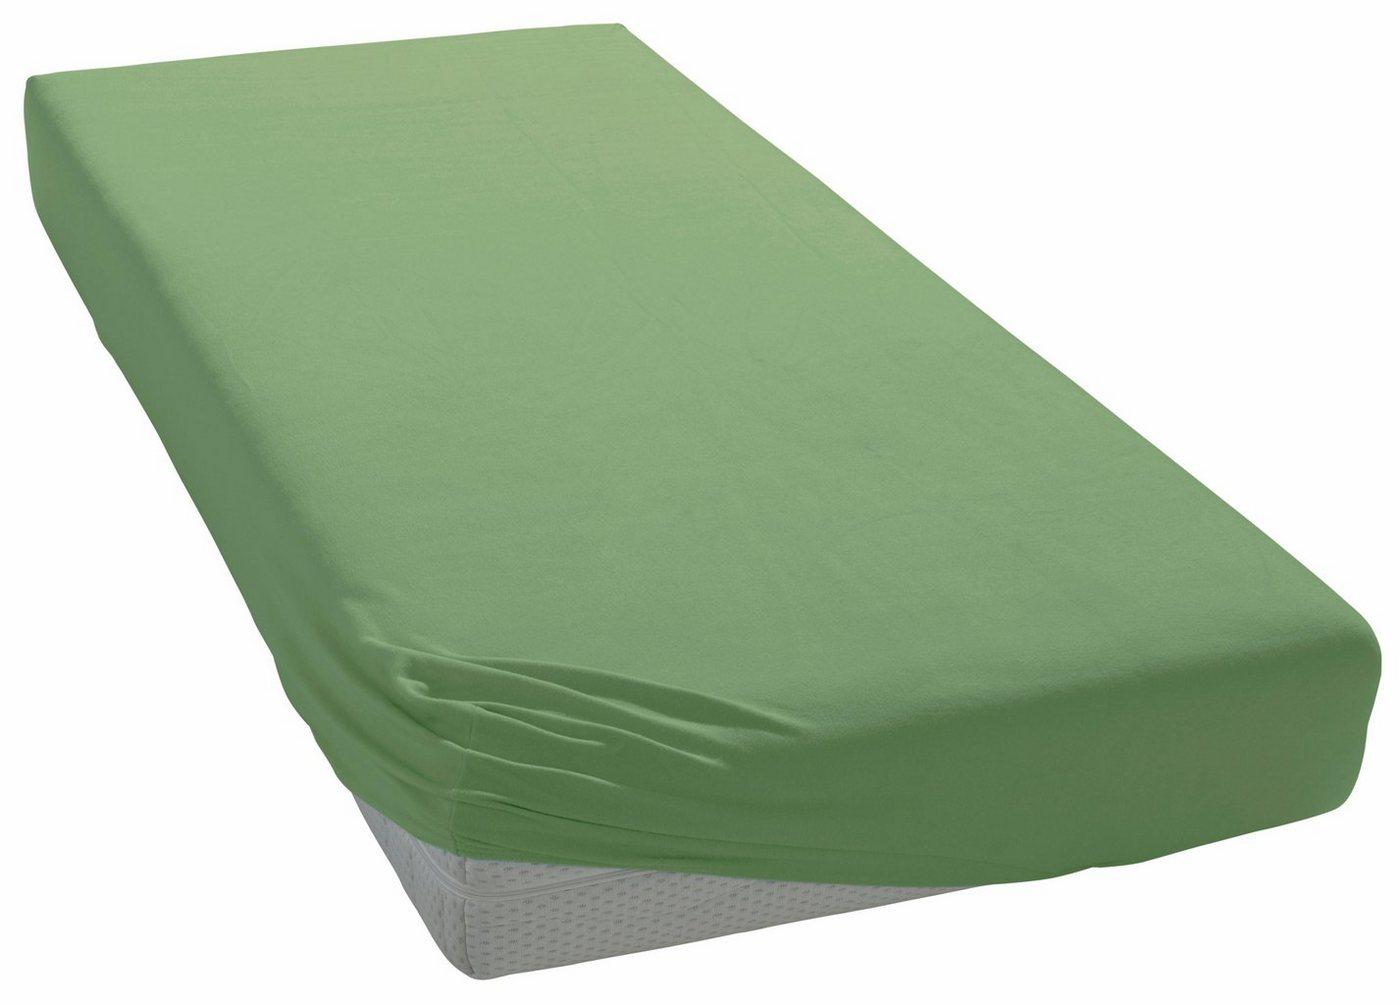 bett 140 g nstig machen sie den preisvergleich bei nextag. Black Bedroom Furniture Sets. Home Design Ideas